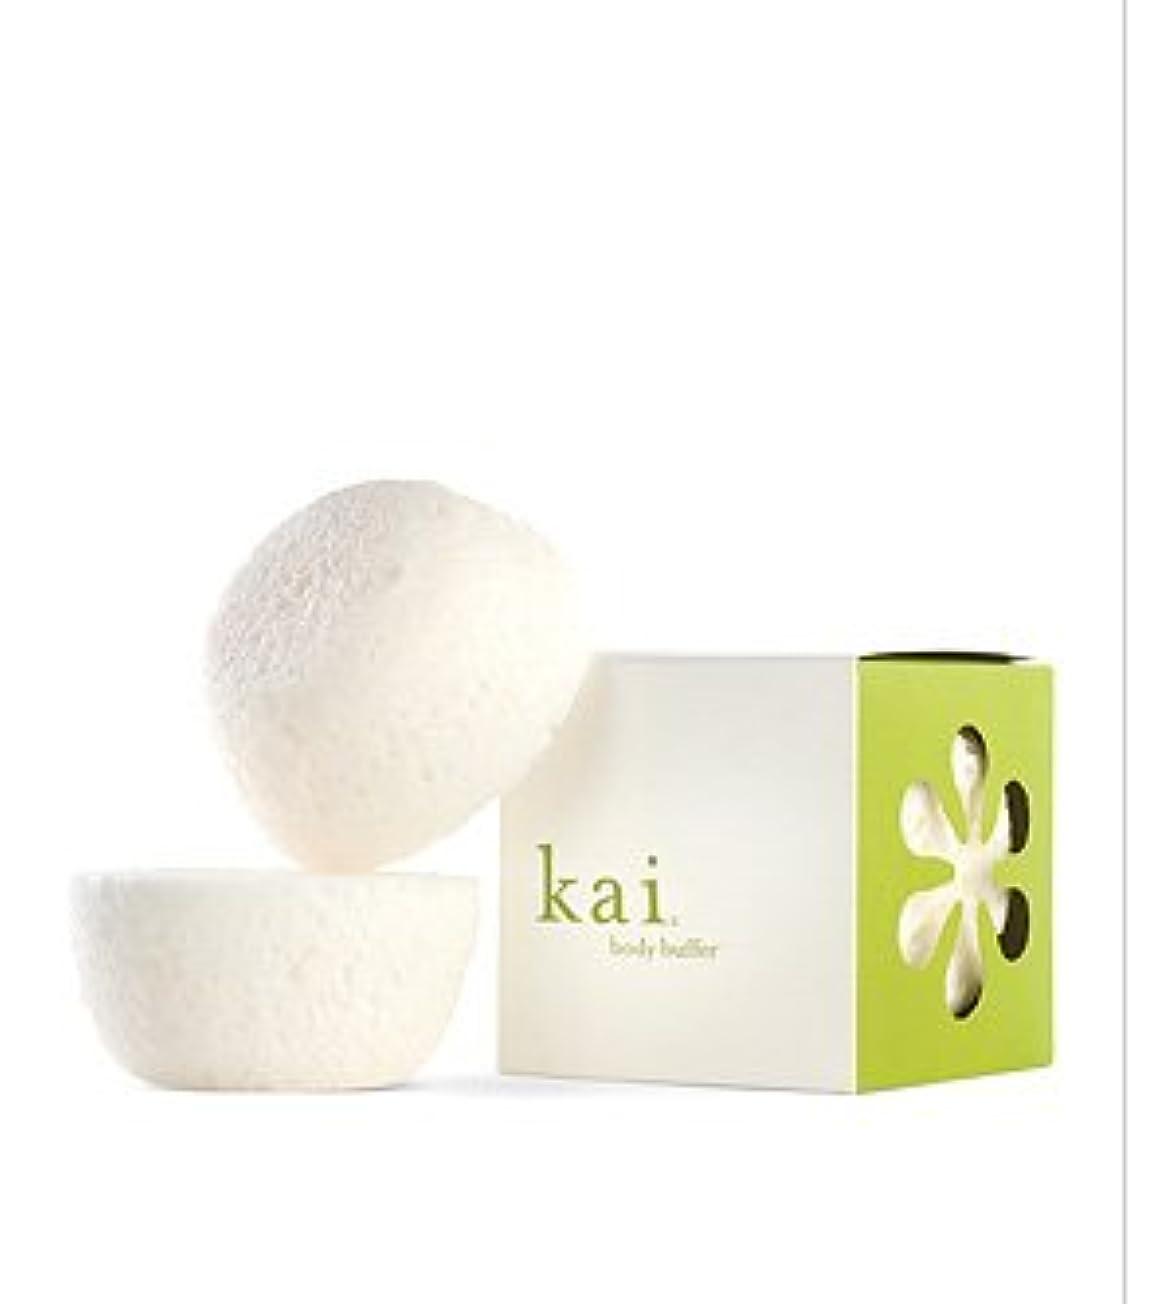 火薬不適当スキャンダル〈海外直送品〉Kai Body Buffer (カイ ボディーバッファー) 2.75 oz (82.5ml) x 2 for Women